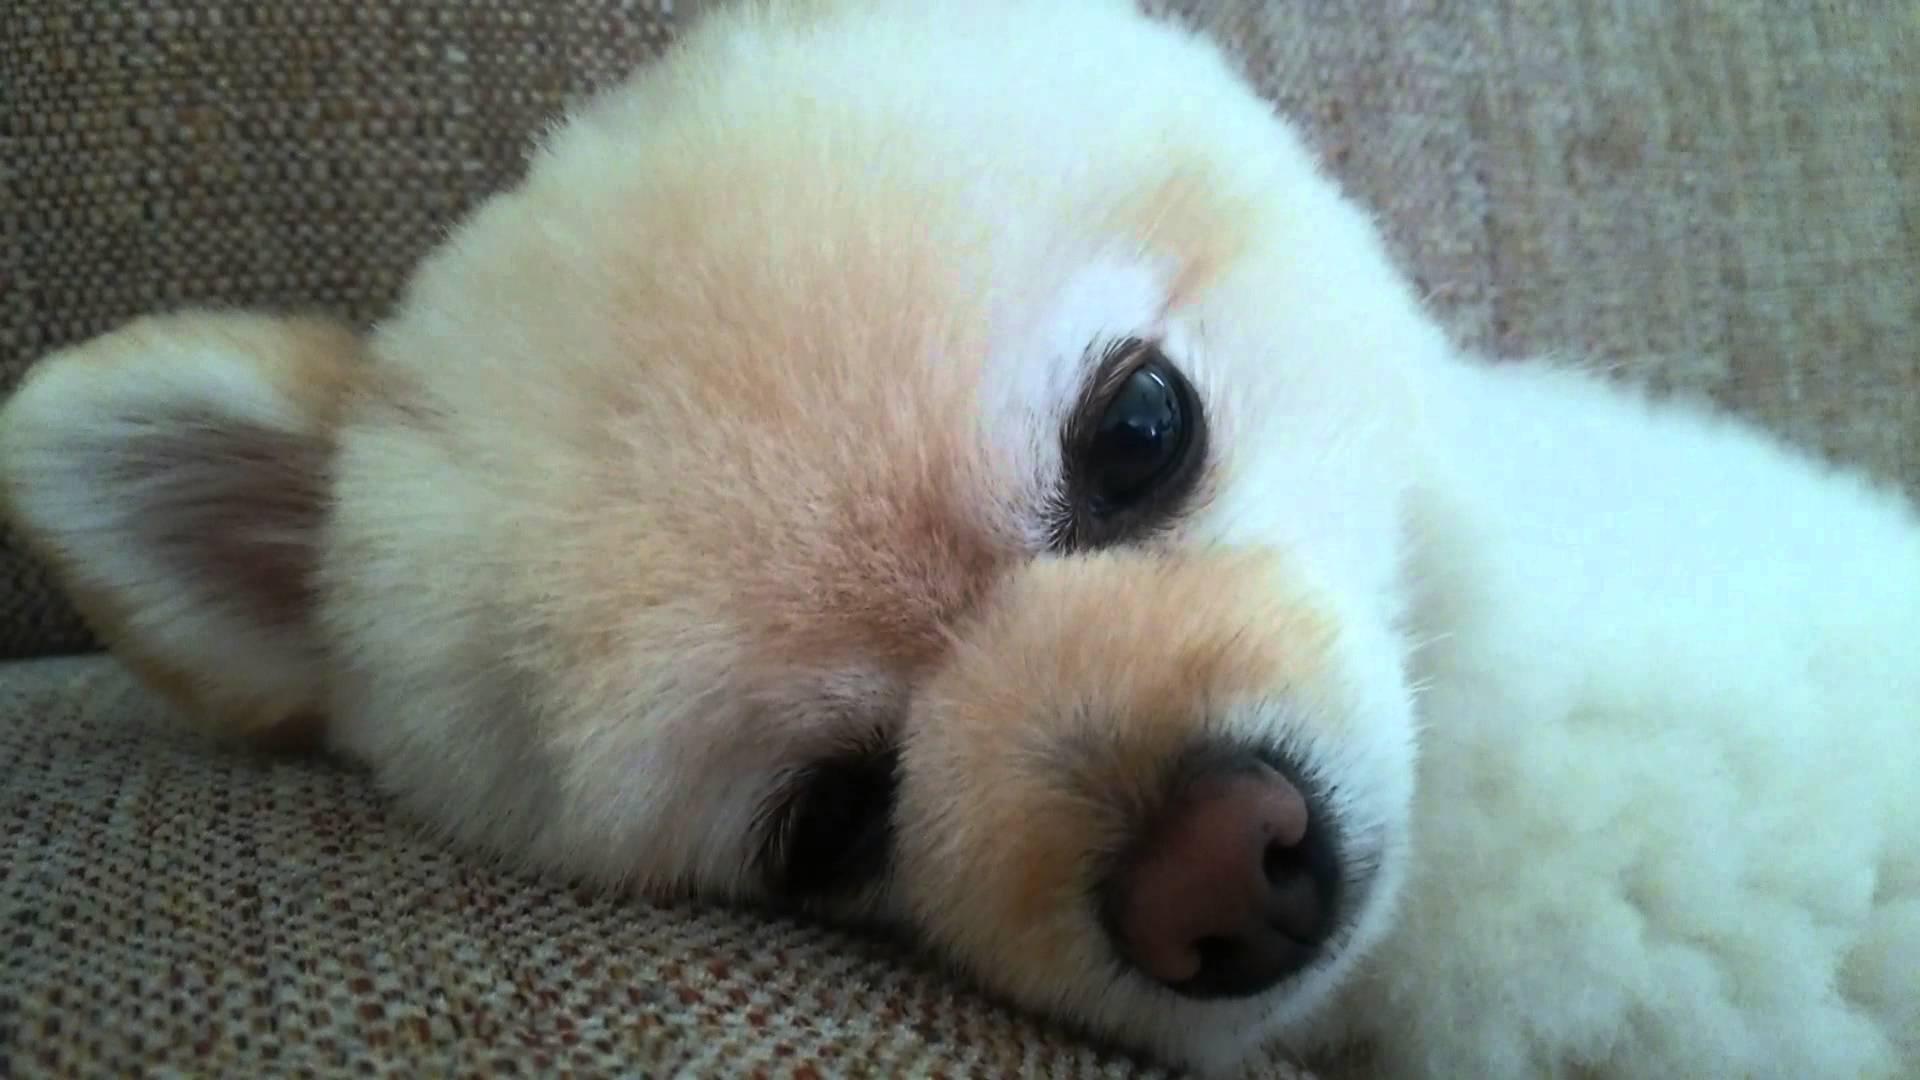 ソファーで人形のように眠るポメラニアンww